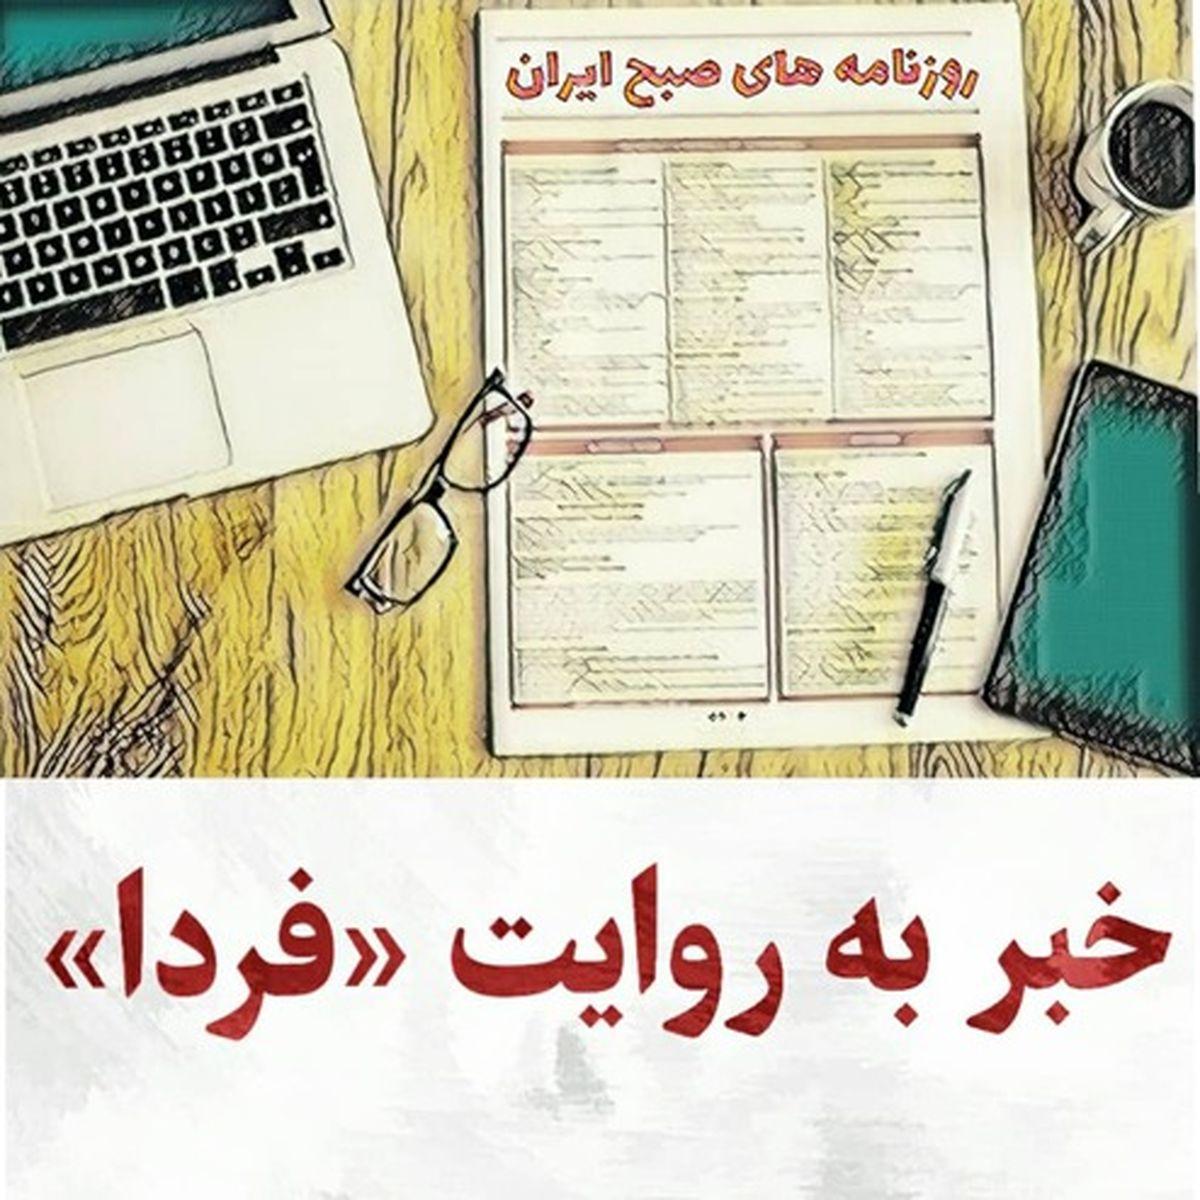 روحانی علیه دموکراسی